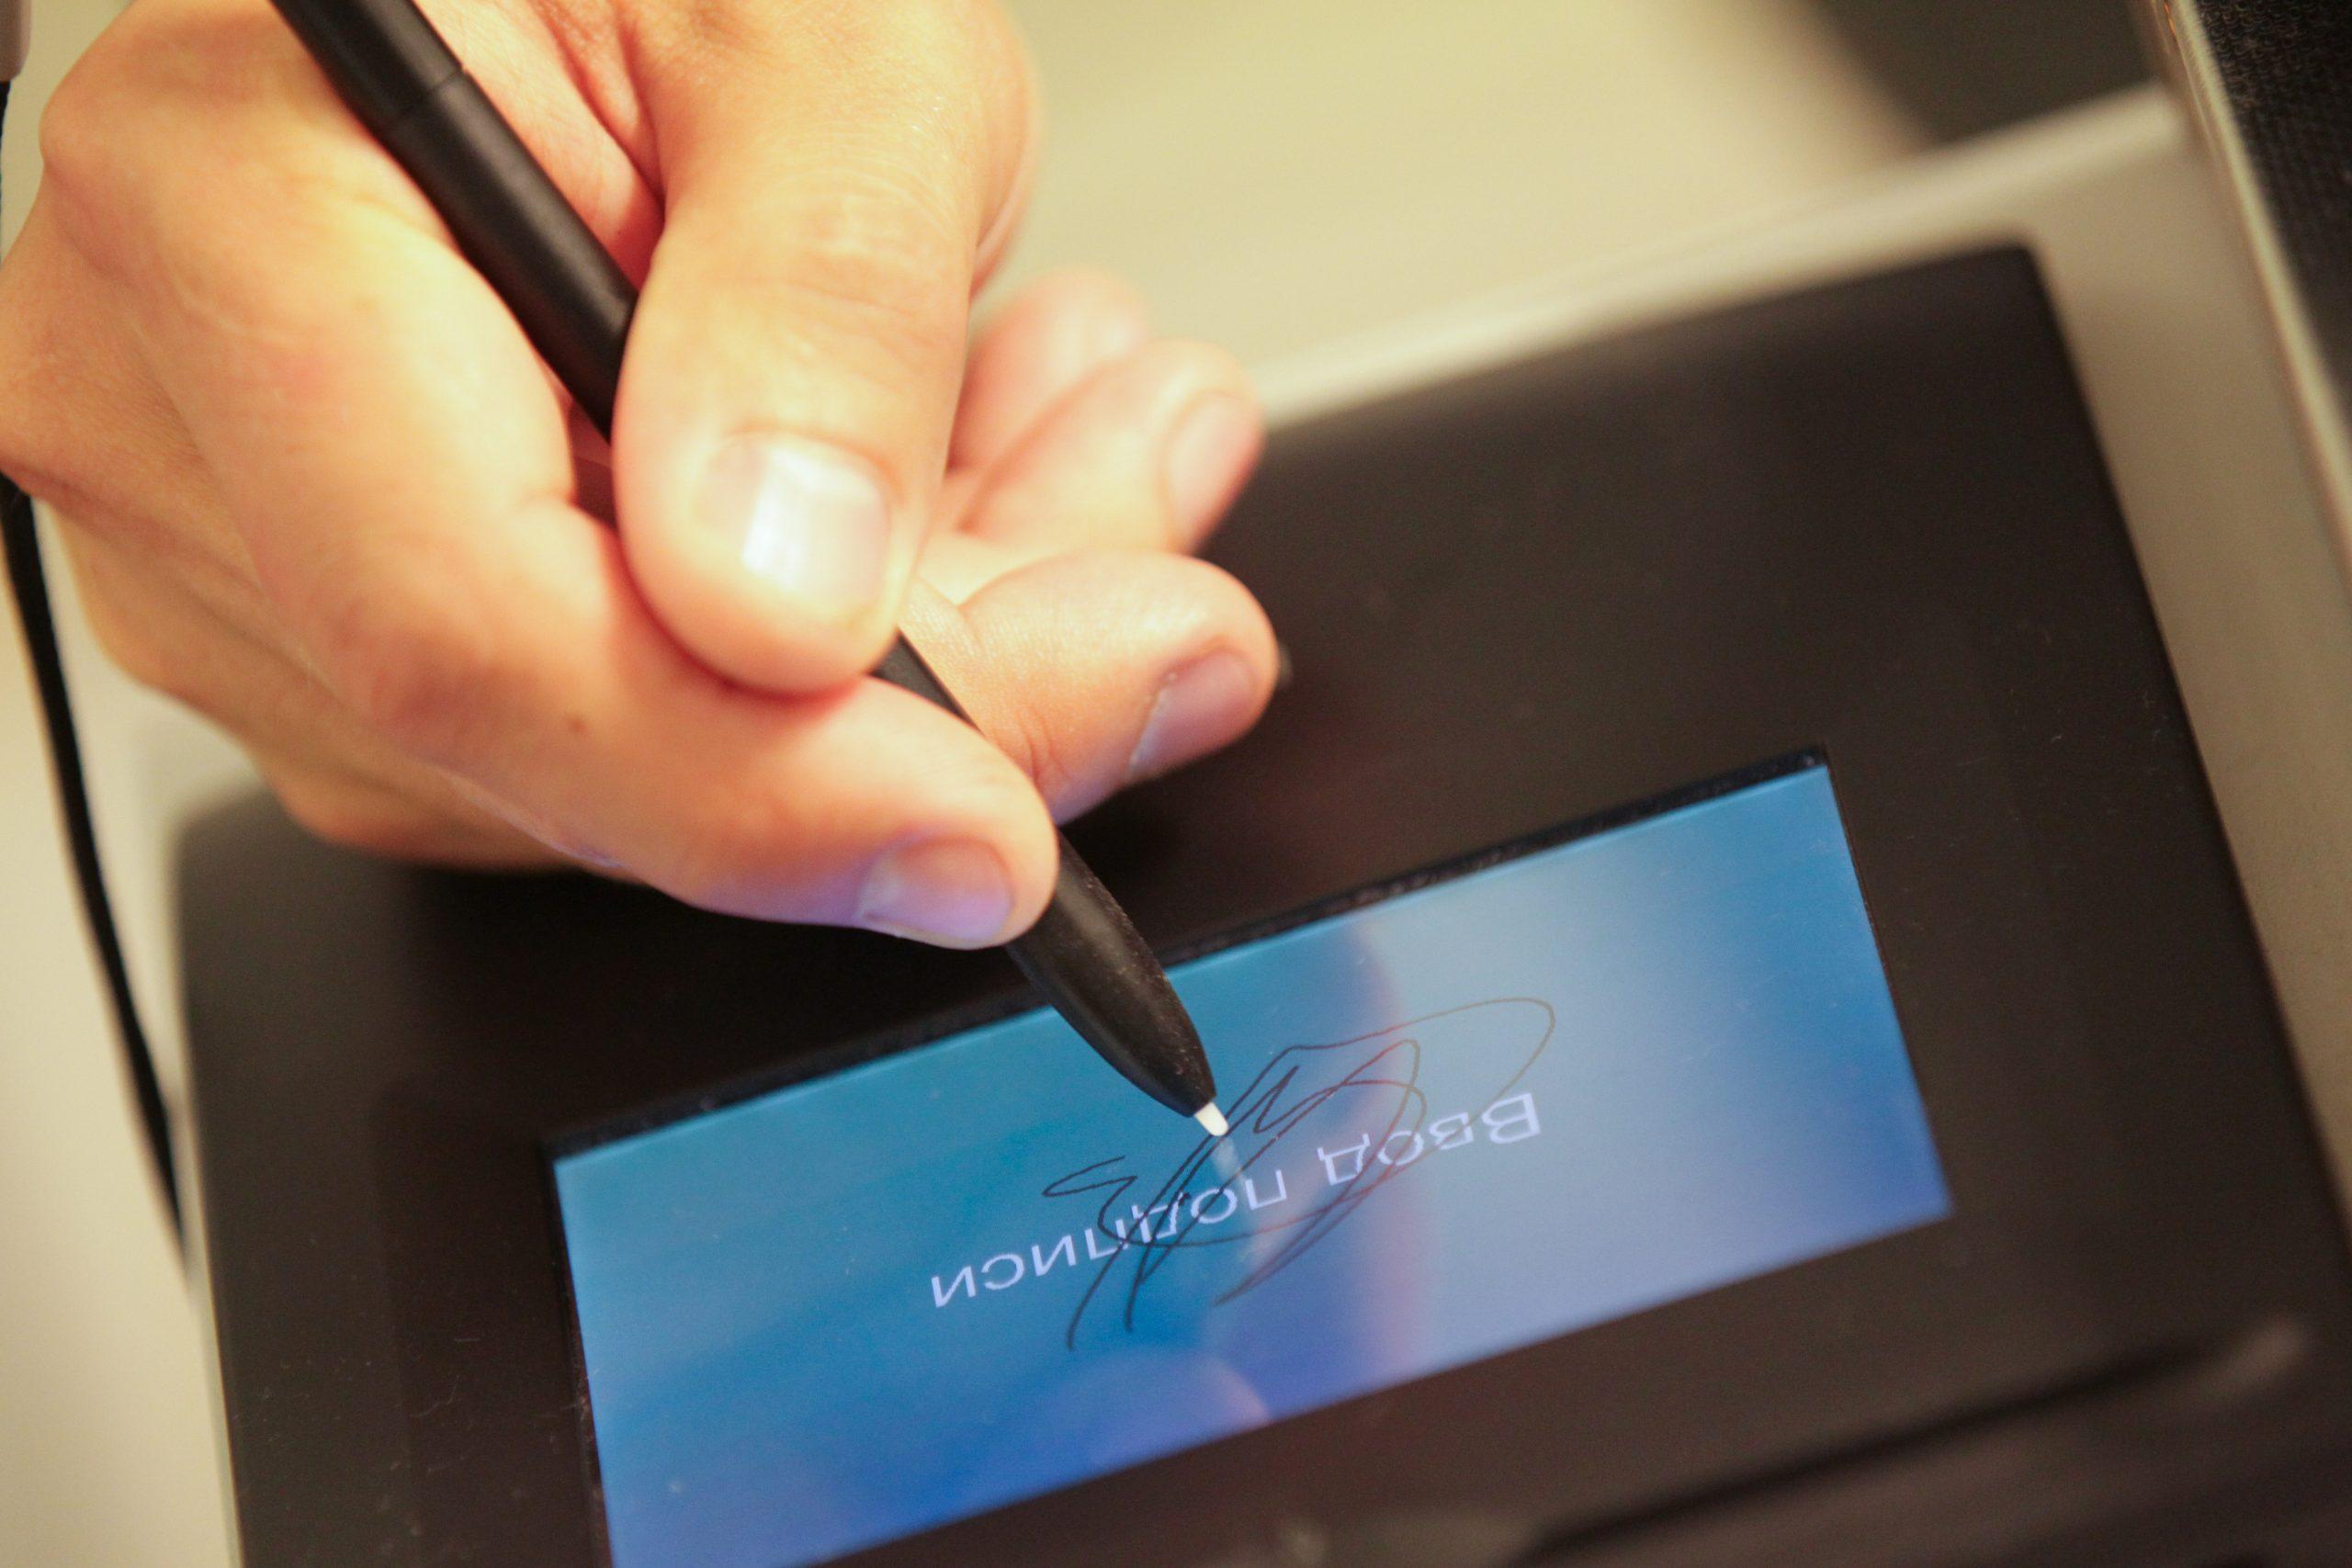 Предприниматели Дагестана могут бесплатно получить электронную цифровую подпись